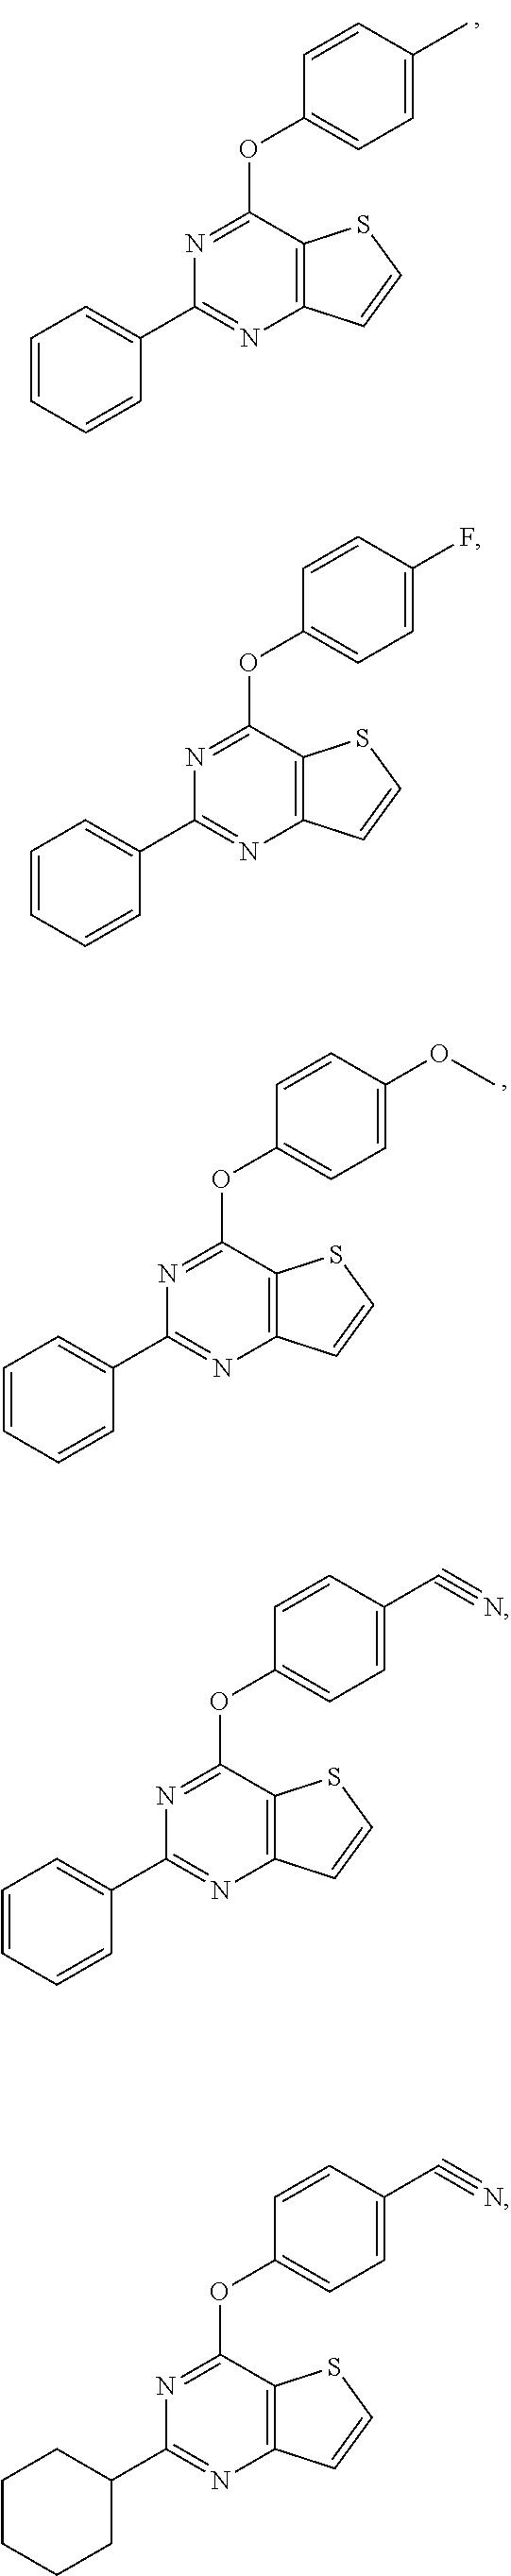 Figure US08889123-20141118-C00059